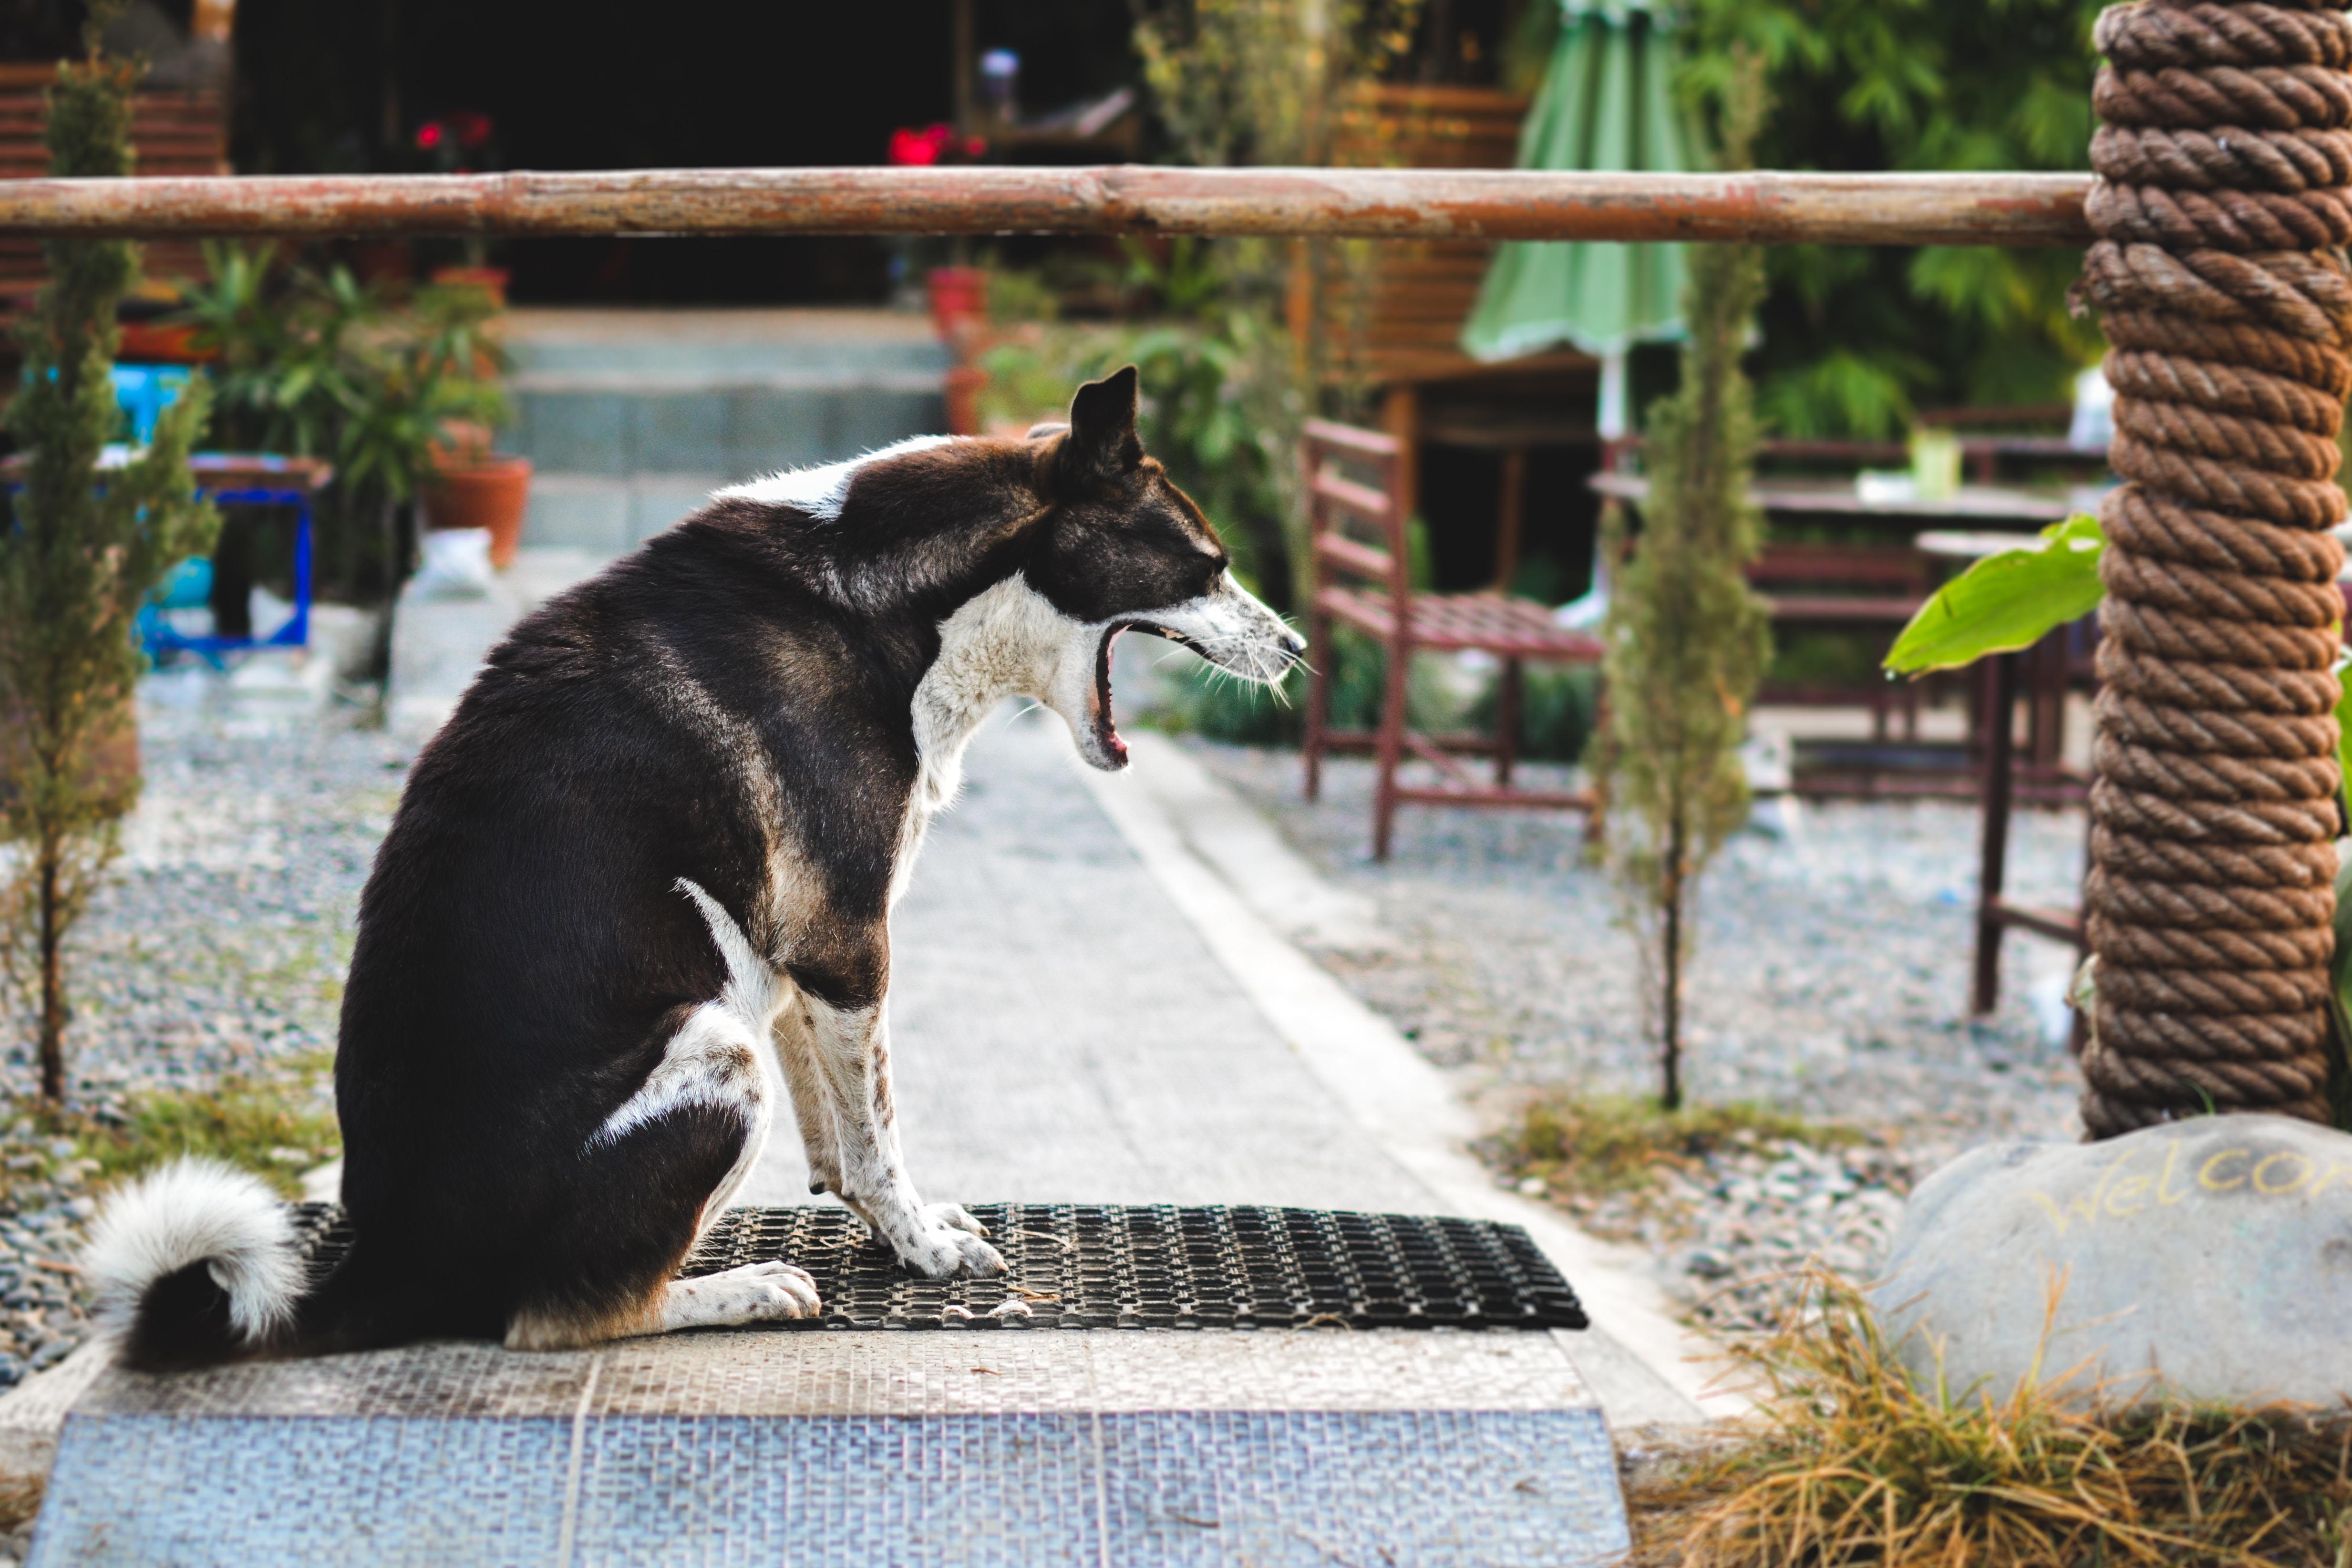 black and white dog yawning while sitting on black mat during daytime